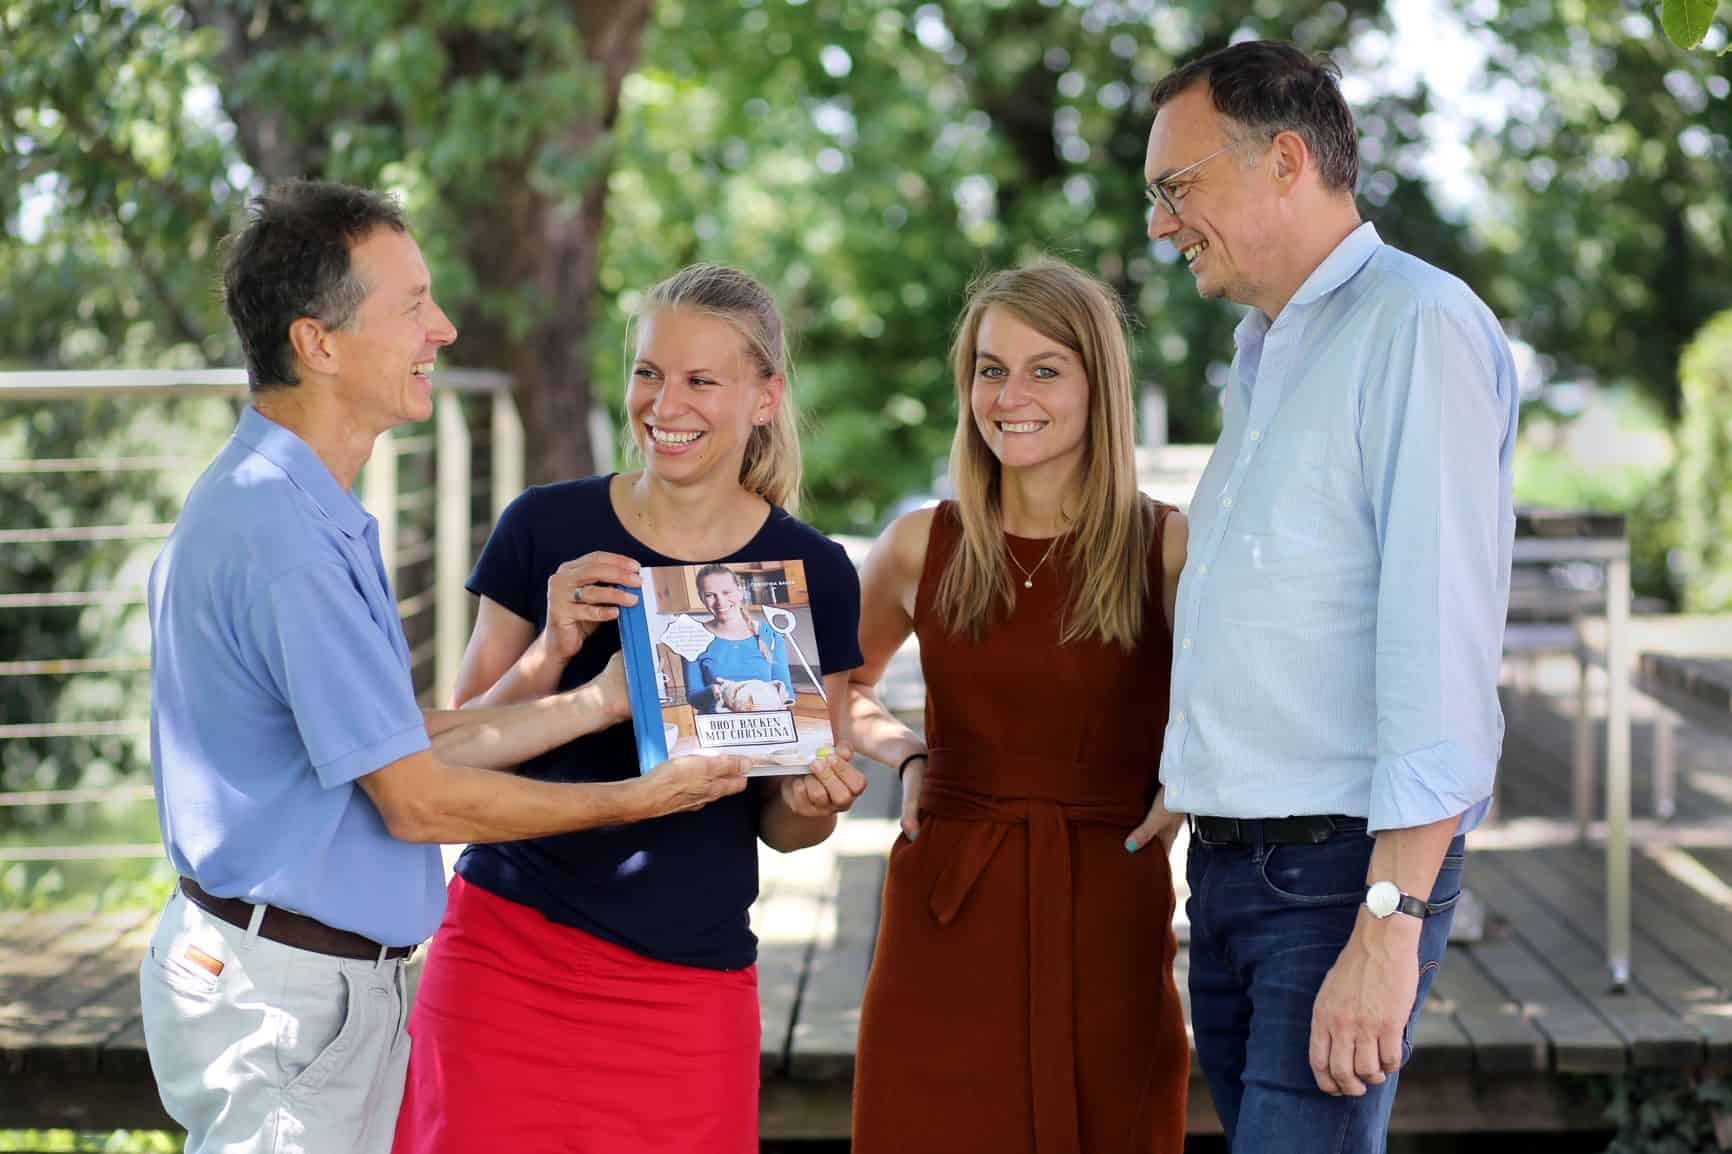 Markus Hatzer und Katharina Schaller vom Löwenzahn Verlag mit der Bestseller-Autorin Christina Bauer zu Gast bei Ernst Gugler in Melk (v. re. nach li.). © Foto: gugler_Weinfranz